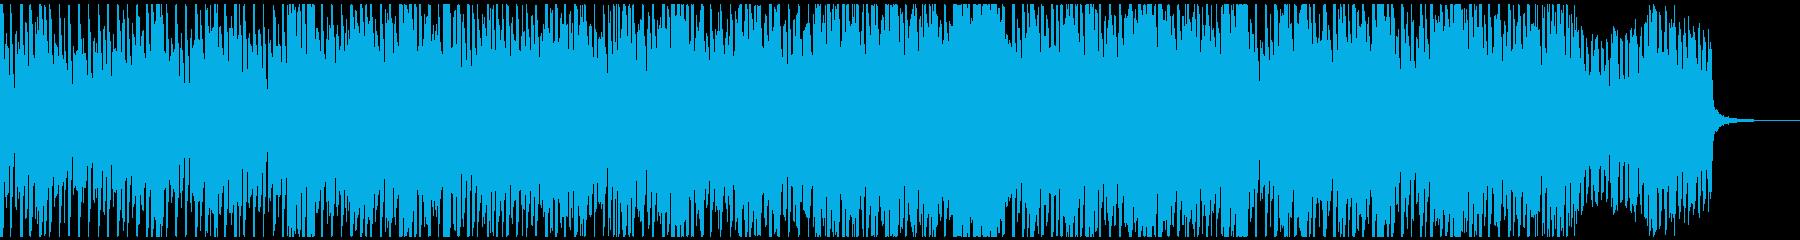 ベルとストリングスのキラキラしたポップスの再生済みの波形